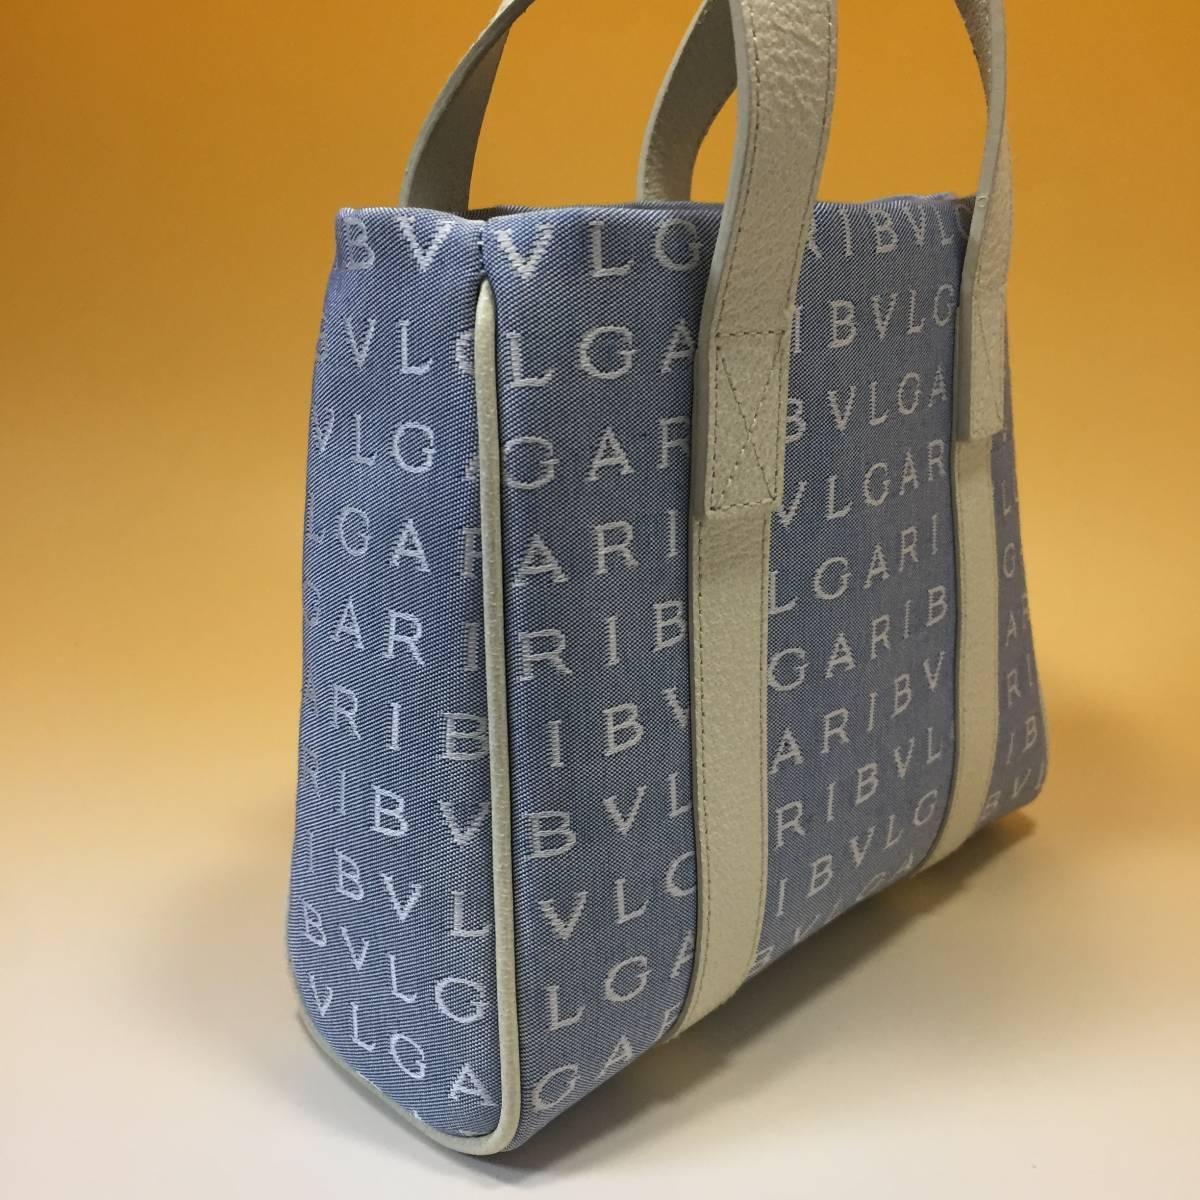 未使用◆BVLGARI◆ブルガリ ロゴマニア◆ジャガード×レザー トートバッグ ◆ブルー・白_画像2